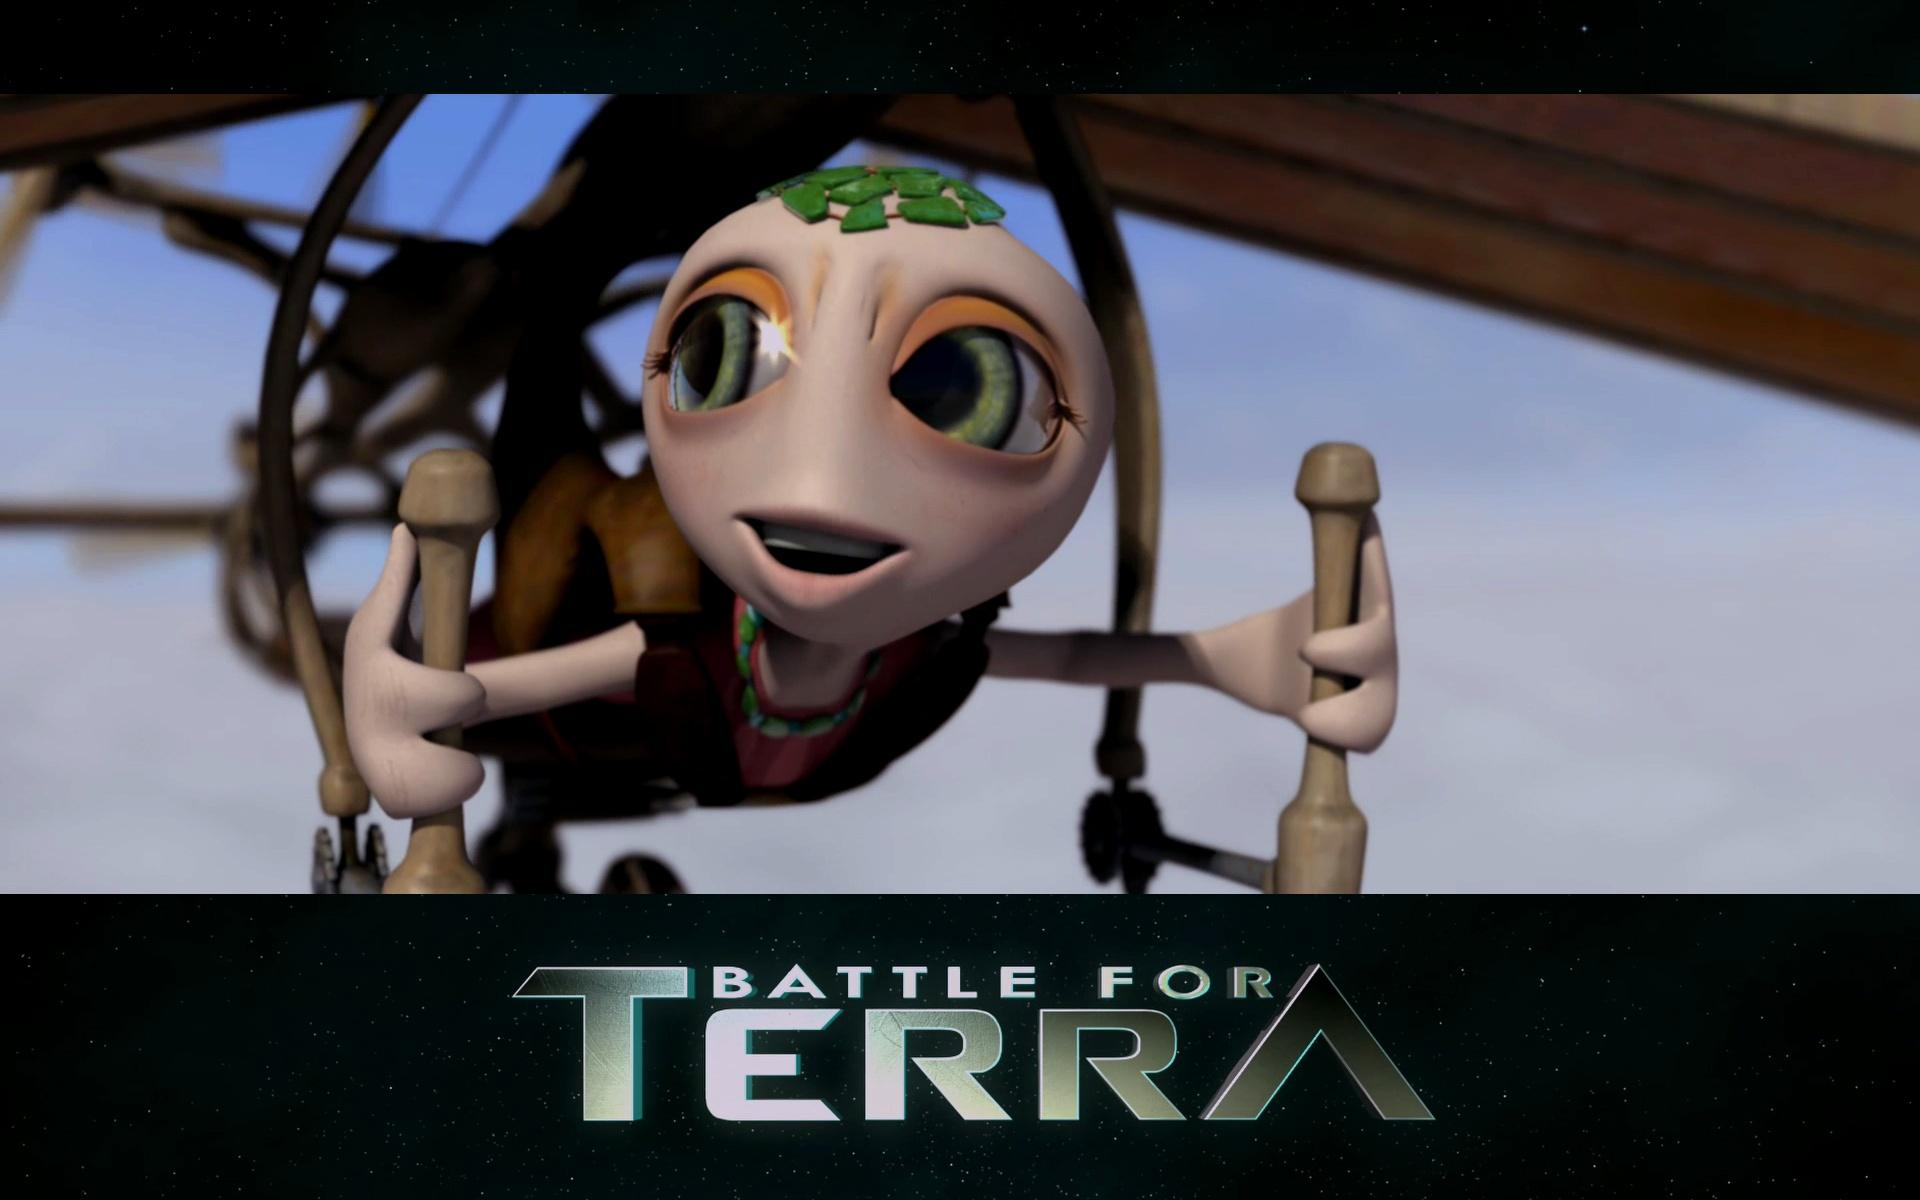 Battle for Terra দেওয়ালপত্র